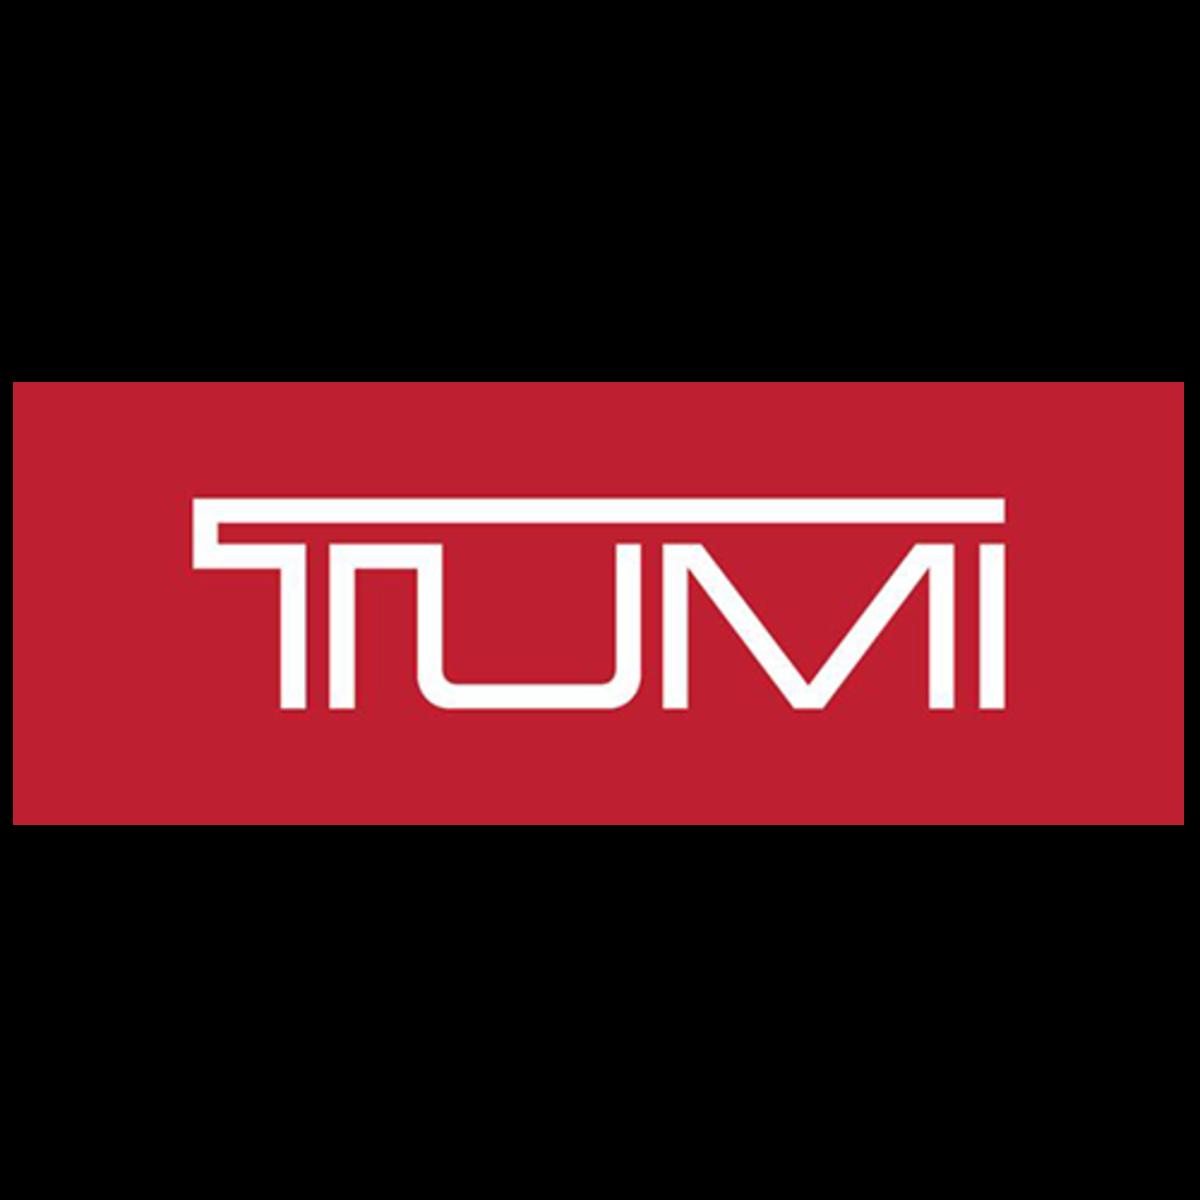 tumi-logo-1.png